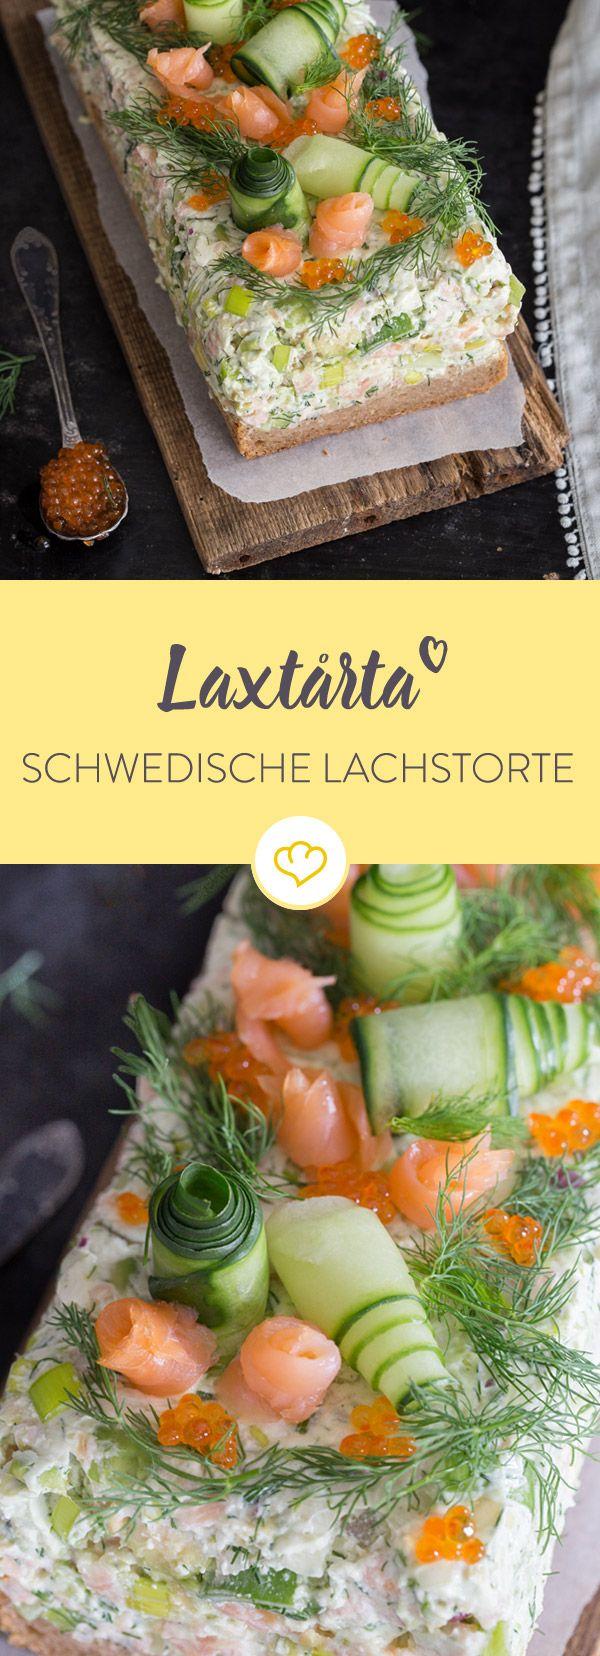 Der Klassiker der schwedischen Küche: Laxtårta punktet nicht nur mit inneren Werten - auch das Auge möchte am liebsten mitessen.